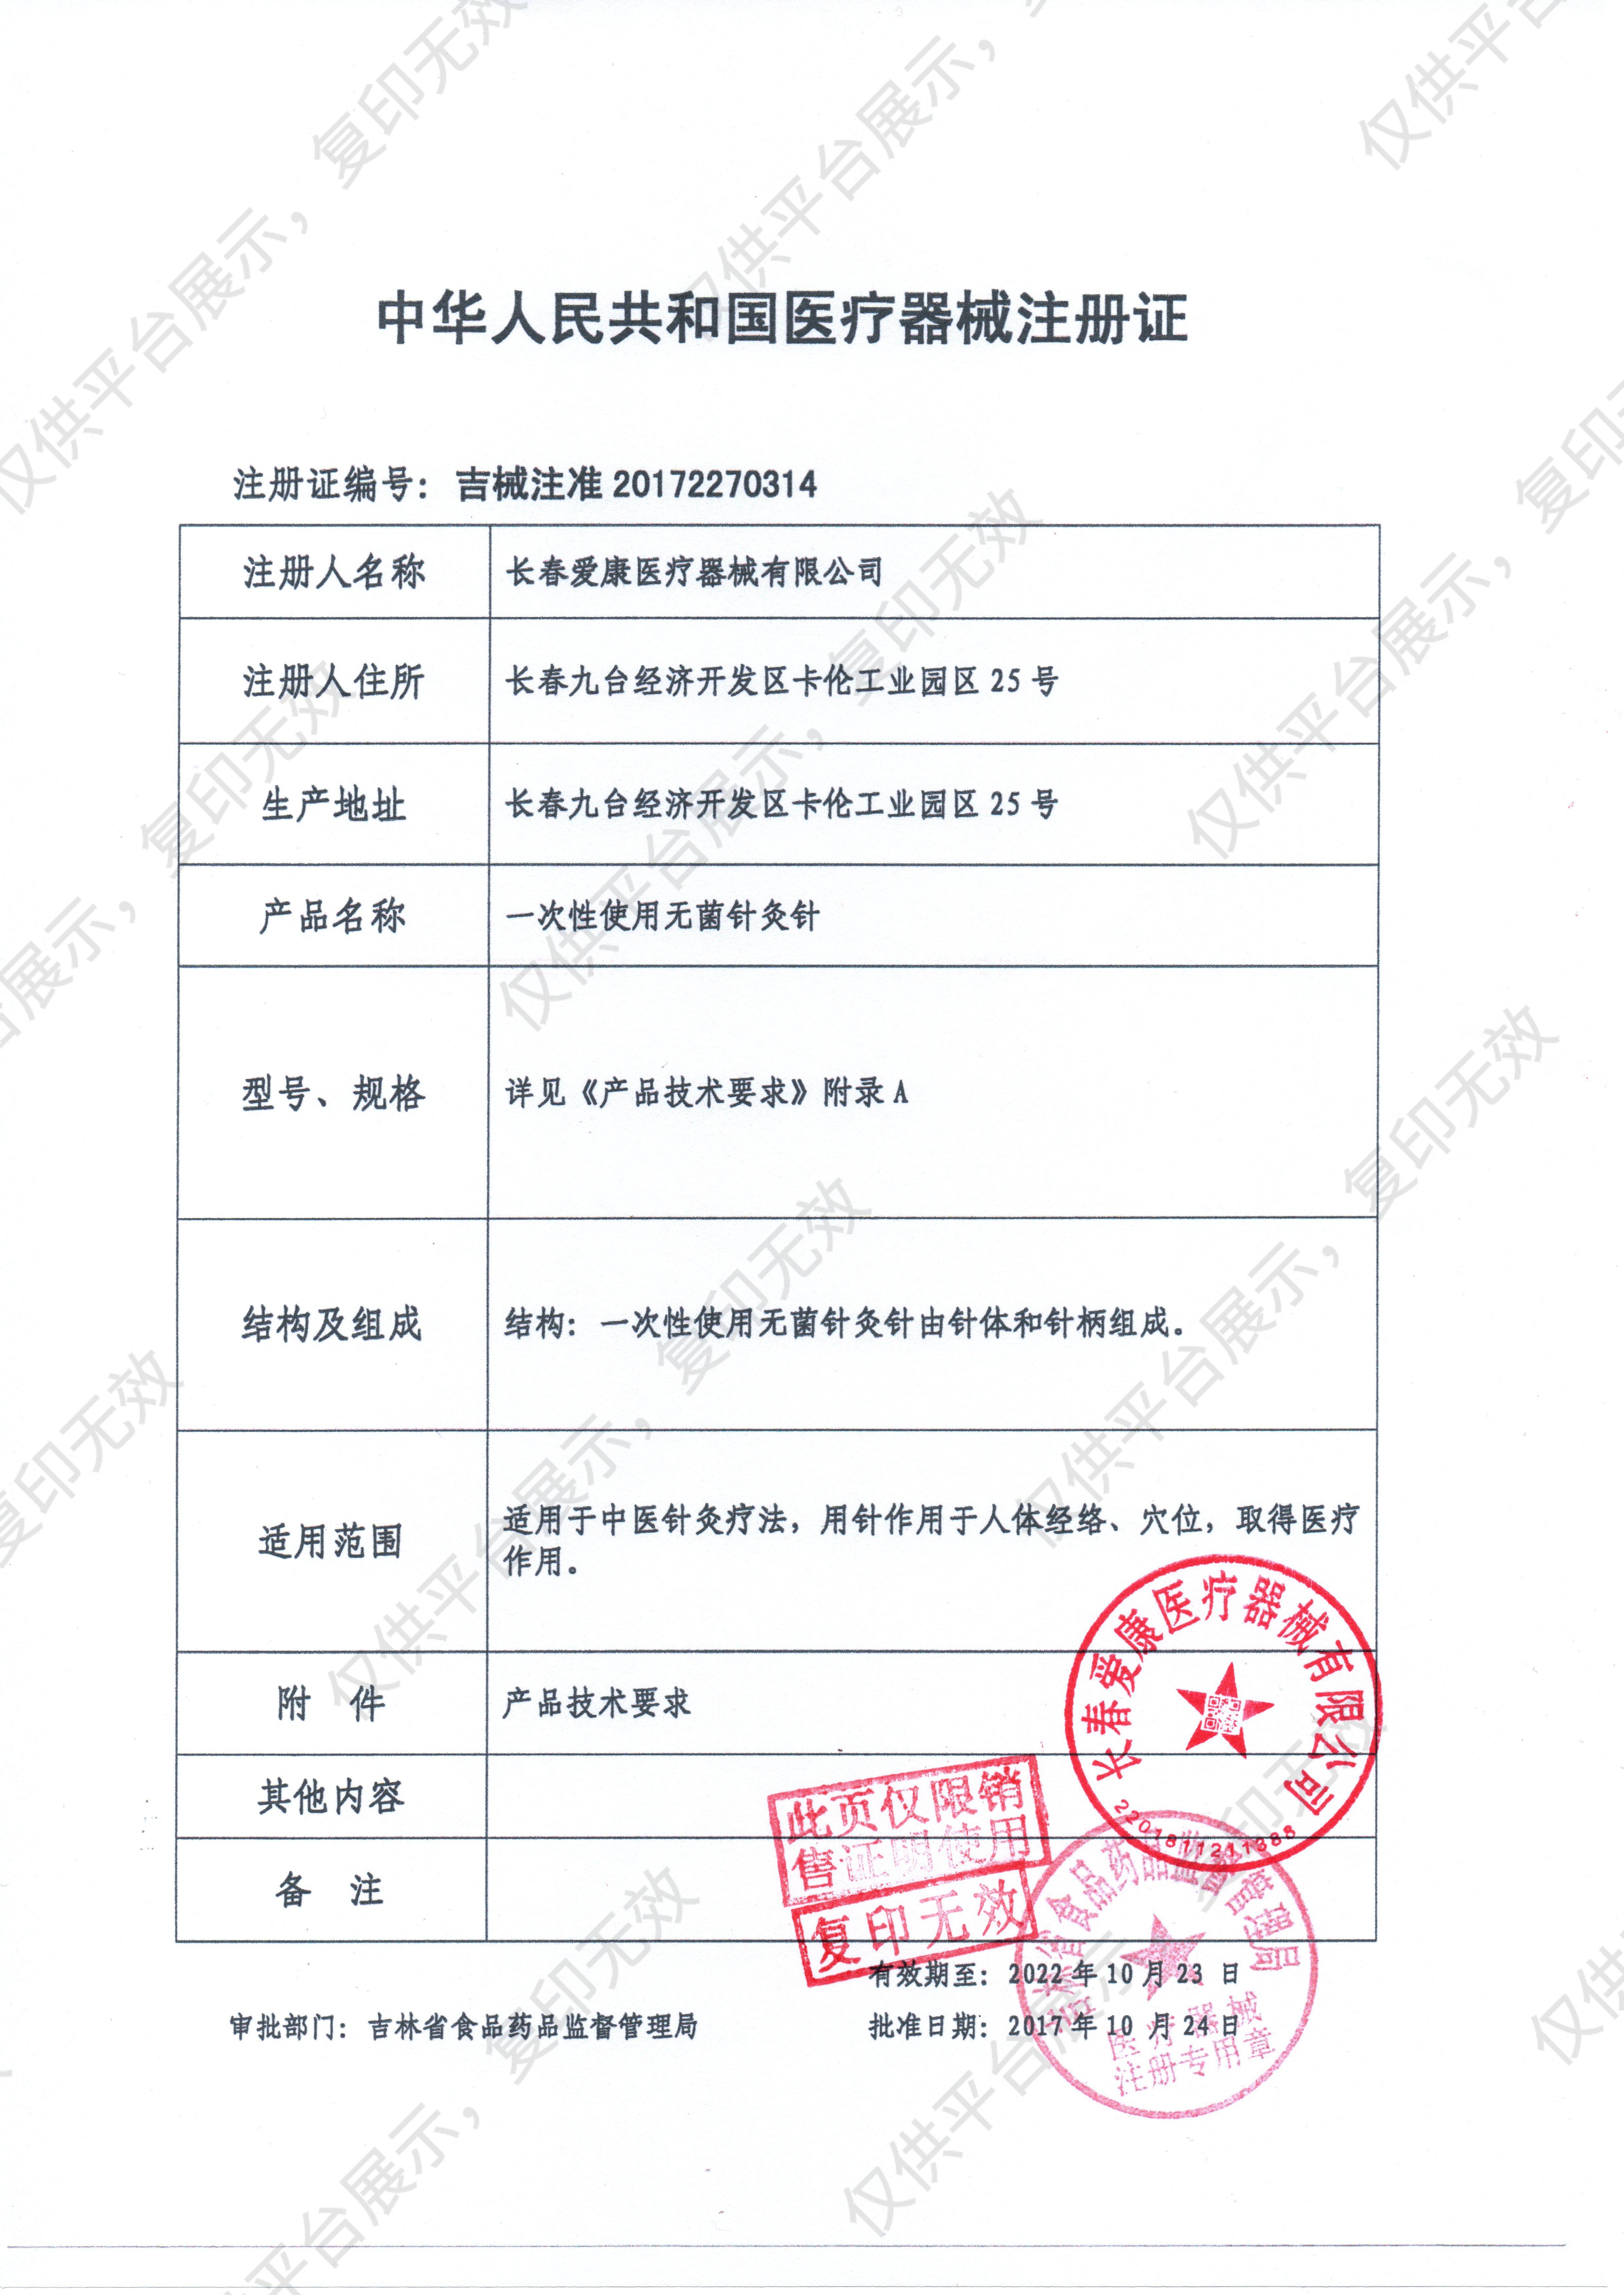 中研太和 一次性使用无菌针灸针 0.22X50 一针一管 (100支/盒)注册证